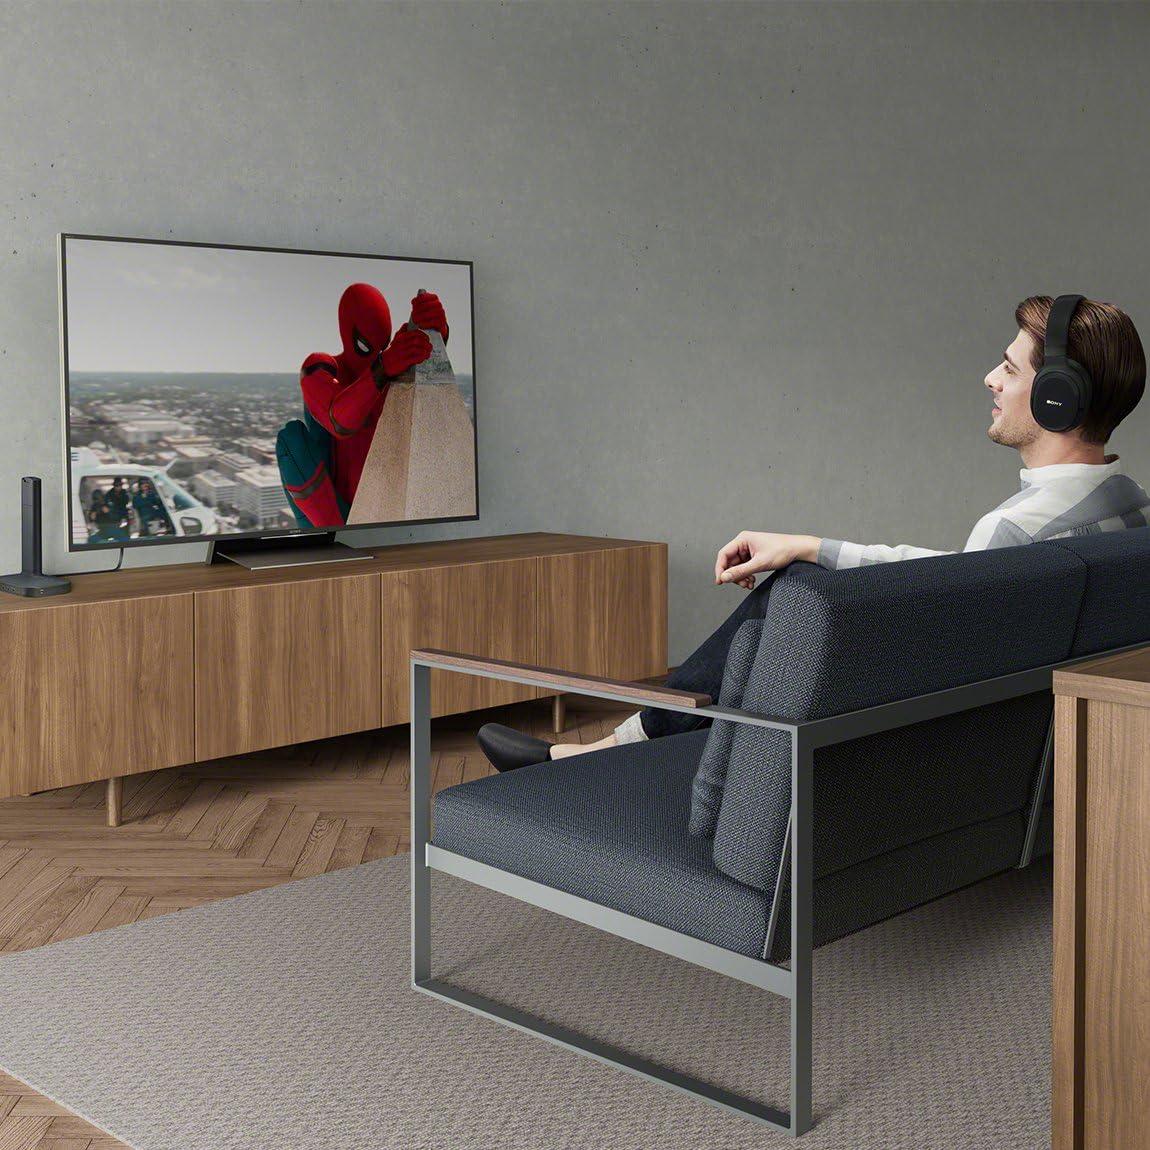 ソニー 7.1ch デジタルサラウンドヘッドホンシステム 密閉型 2018年モデル WH-L600